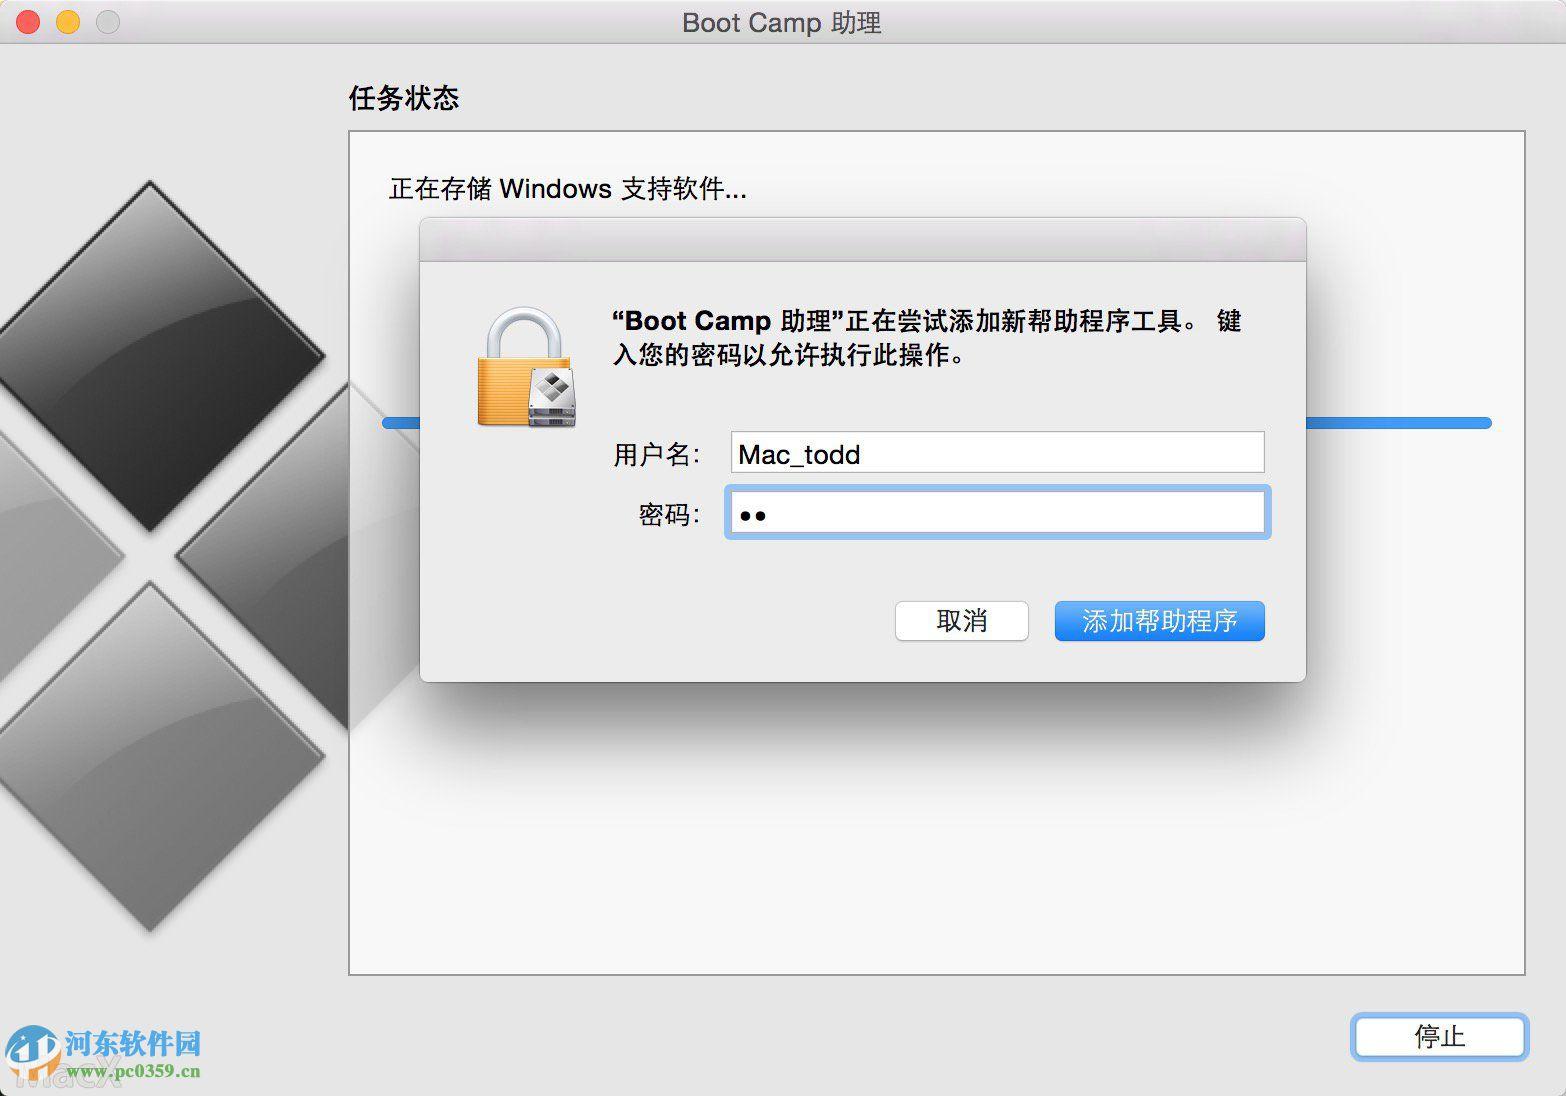 苹果笔记本MAC系统安装win10系统的方法